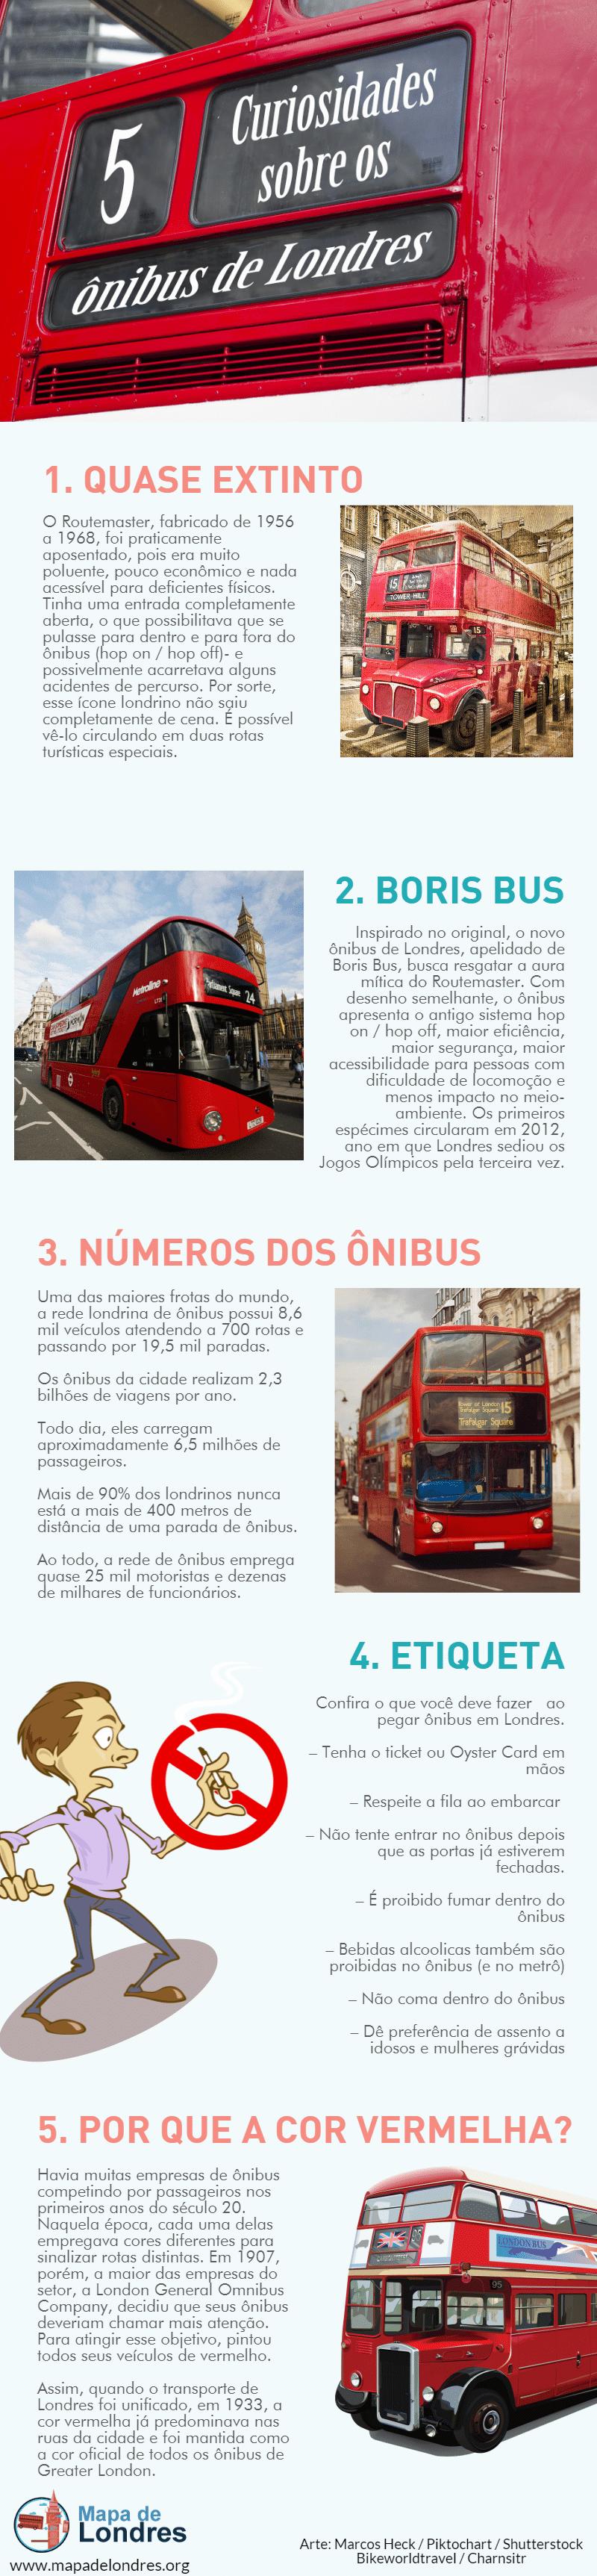 Mapa de Londres - ônibus